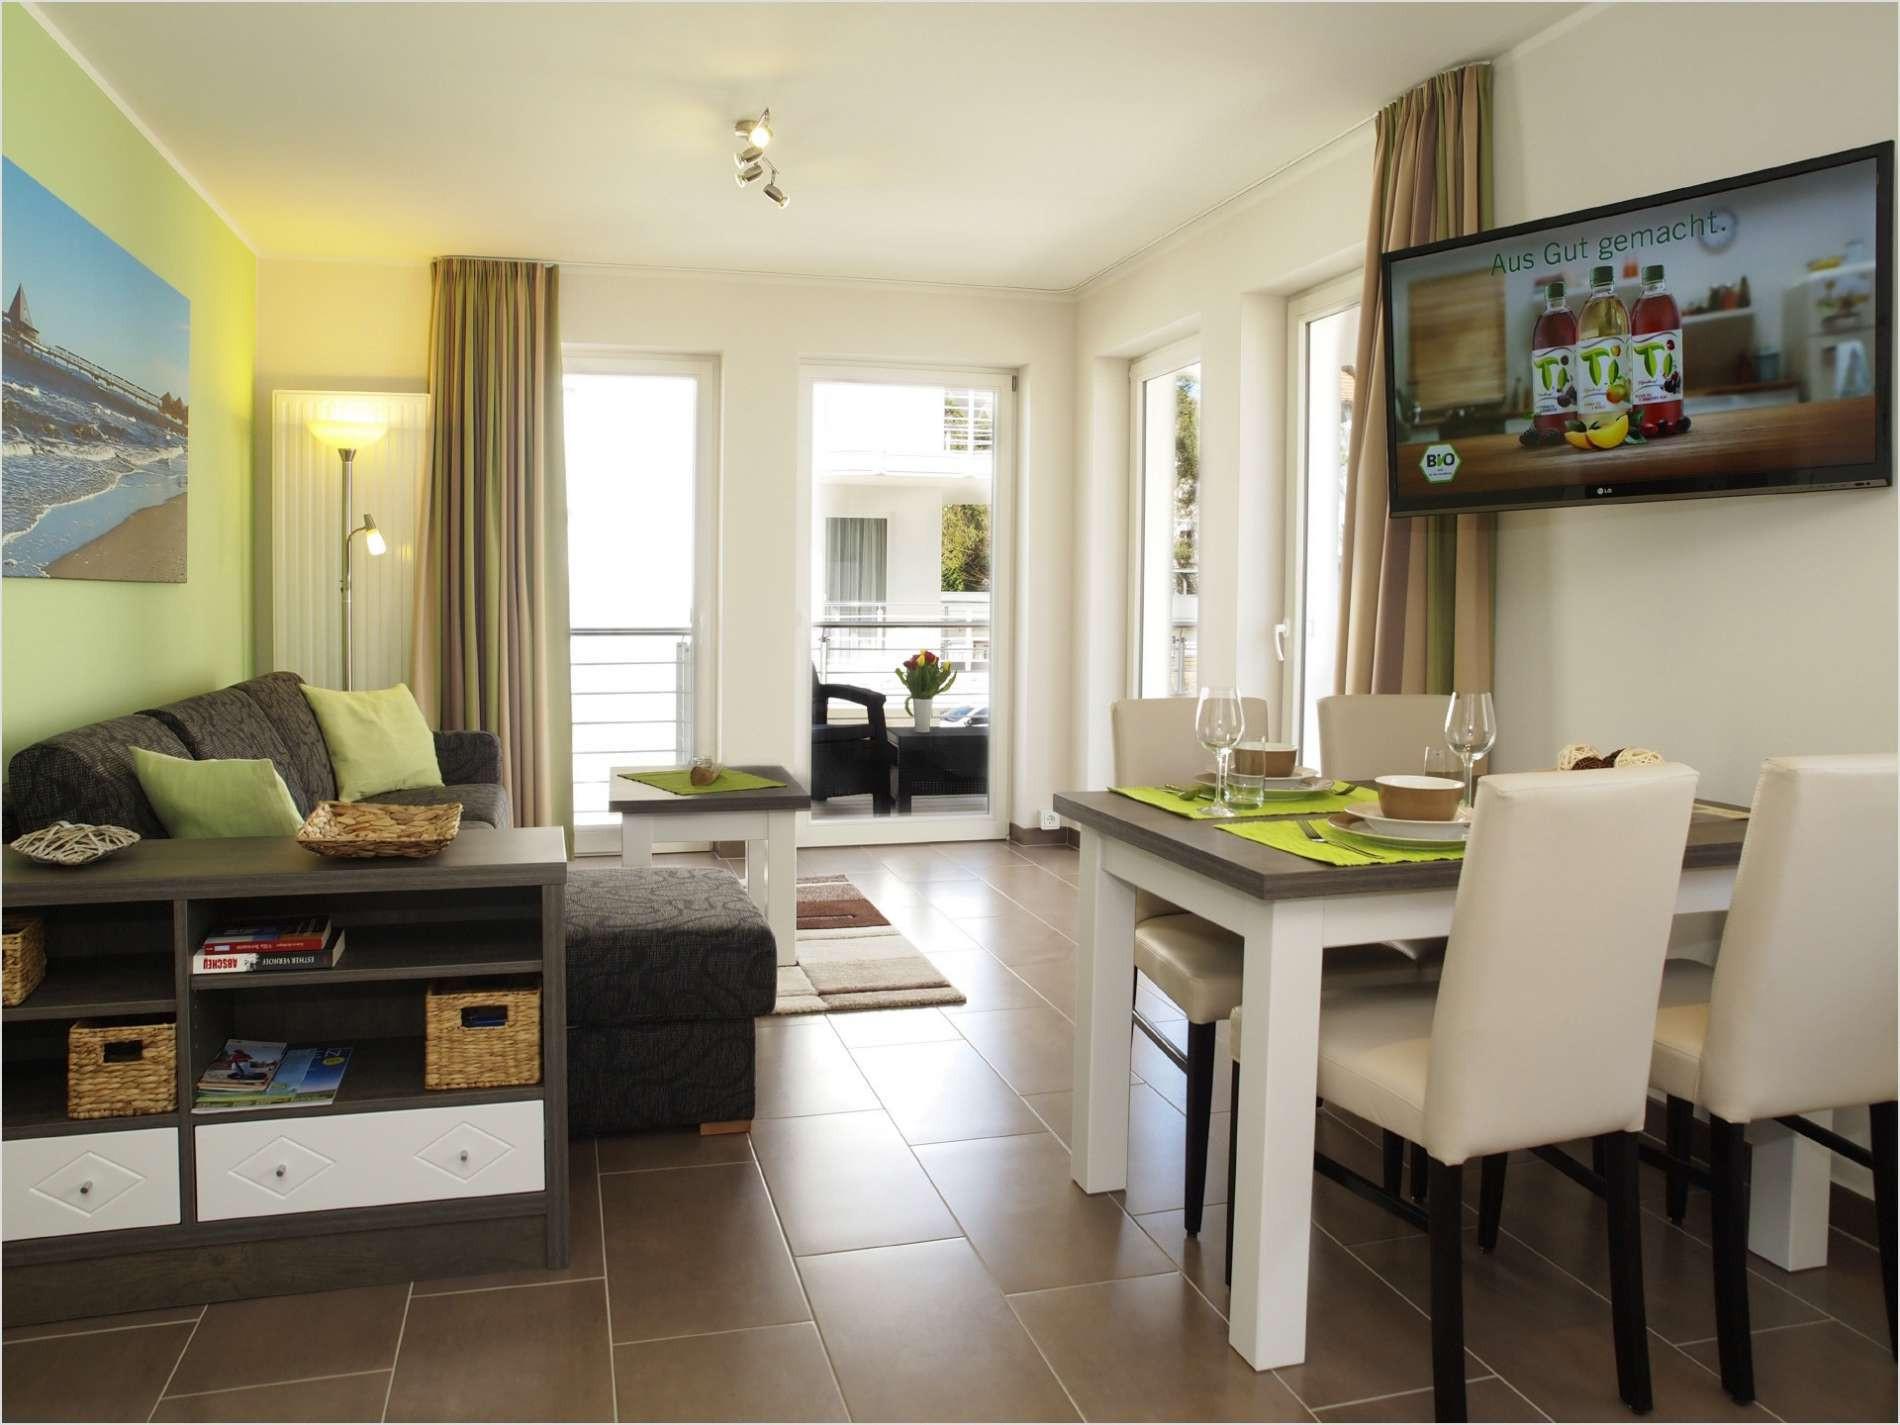 1 Raum Wohnung  1 Raum Wohnung Einrichten Home Ideen